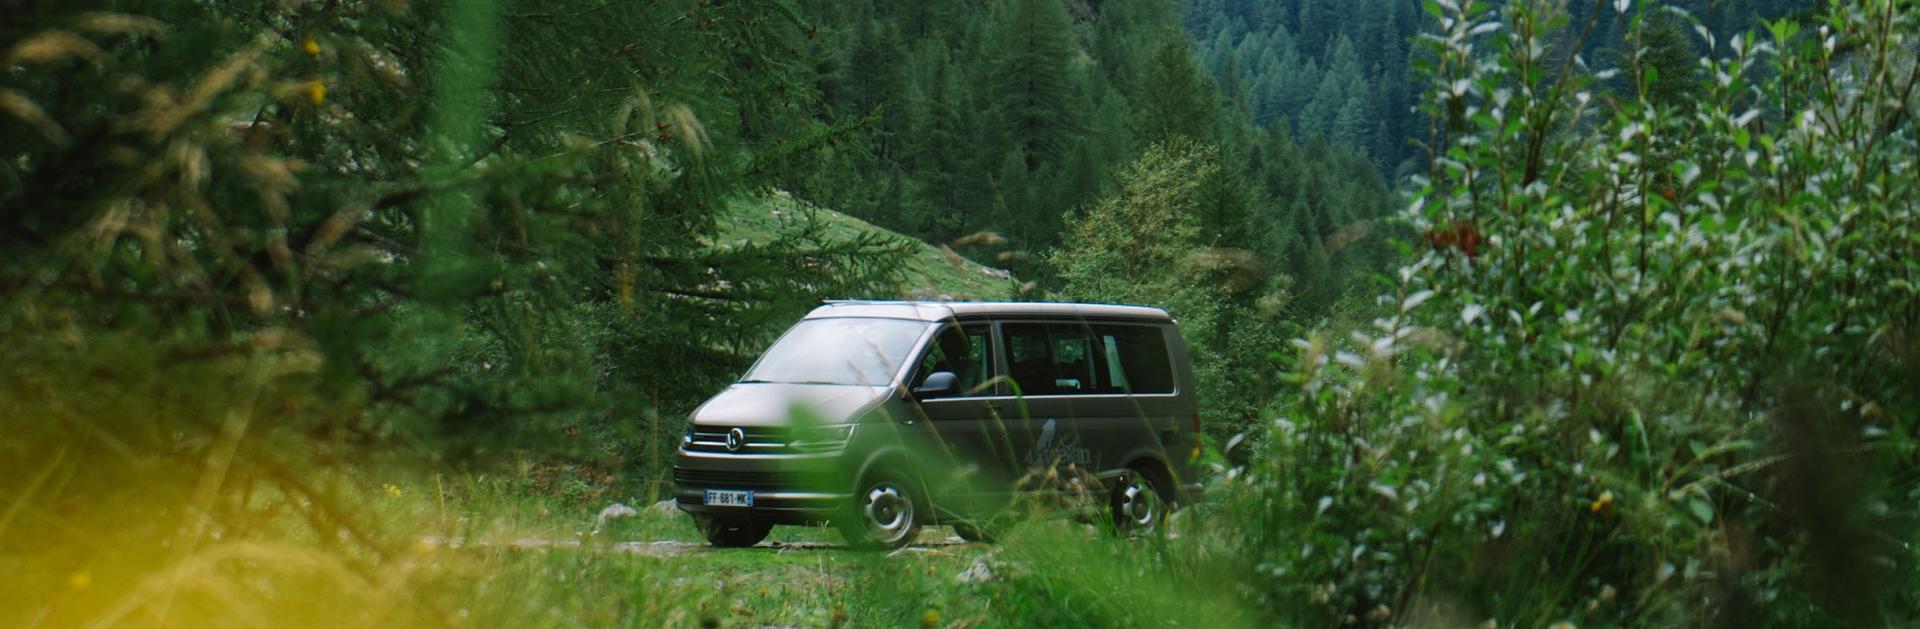 Mount Panels Van Parts